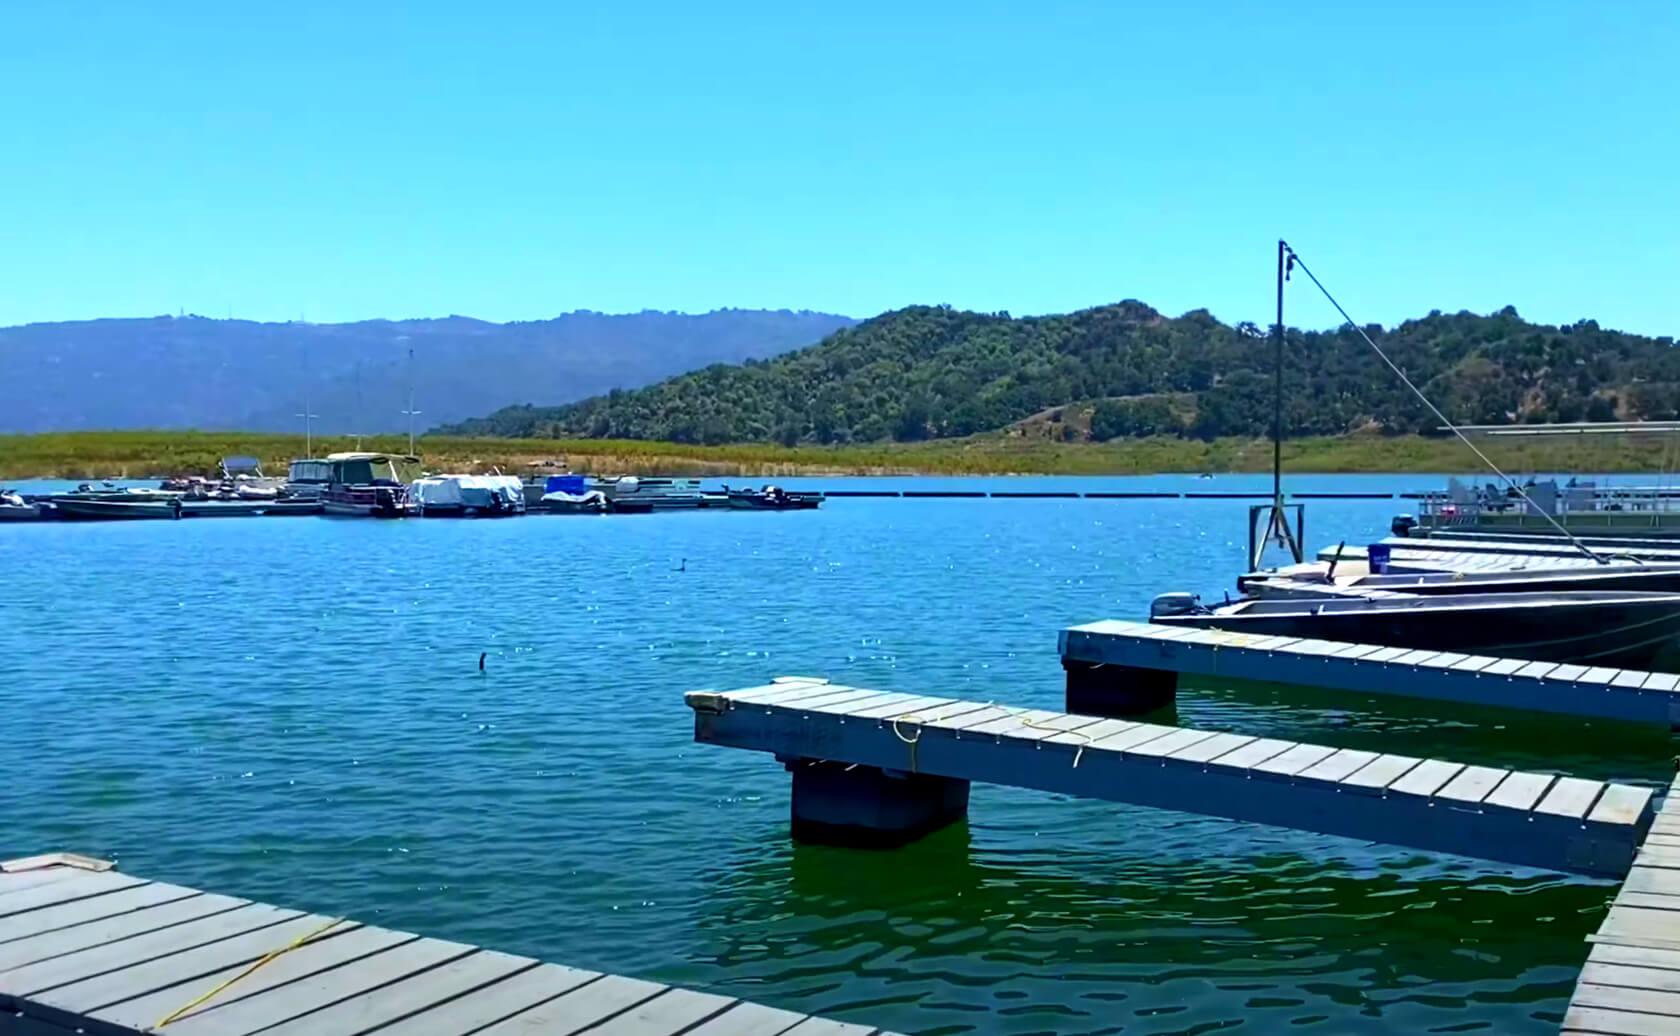 Casitas-Lake-Fishing-Guide-Report-California-07